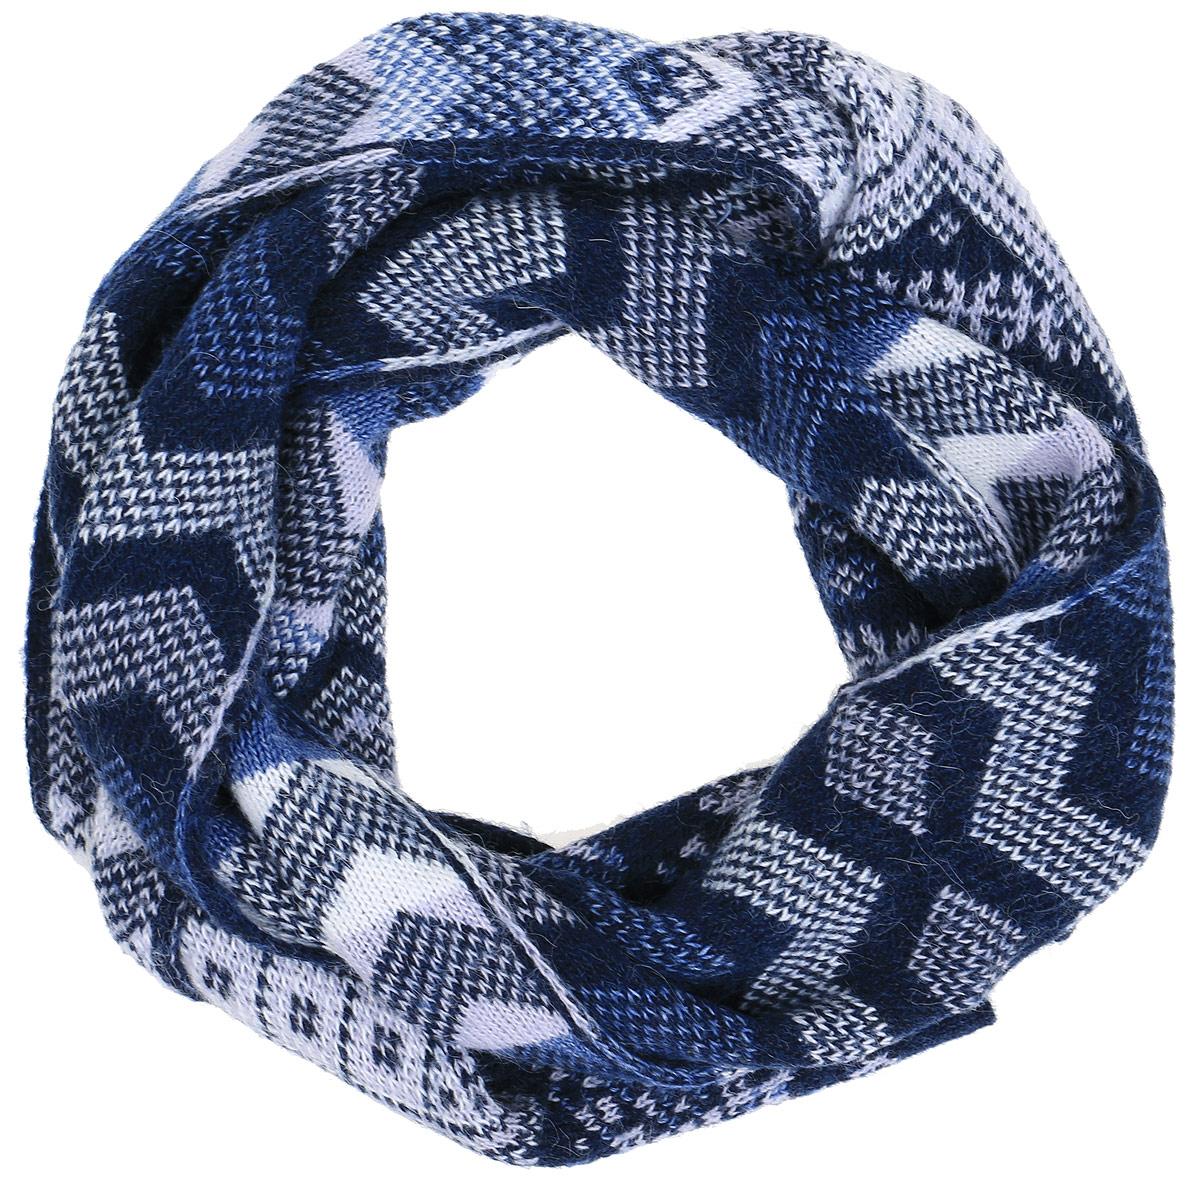 Шарф женский Finn Flare, цвет: темно-синий, сиреневый, белый. A16-12137_101. Размер 164 см х 22 смA16-12137_101Женский шарф Finn Flare станет отличным дополнением к вашему гардеробу в холодную погоду. Шарф, выполненный из шерсти с добавлением акрила, очень мягкий, теплый и приятный на ощупь. Модель оформлена вязаным орнаментом.Современный дизайн и расцветка делают этот шарф модным и стильным женским аксессуаром. Он подарит вам ощущение тепла, комфорта и уюта.